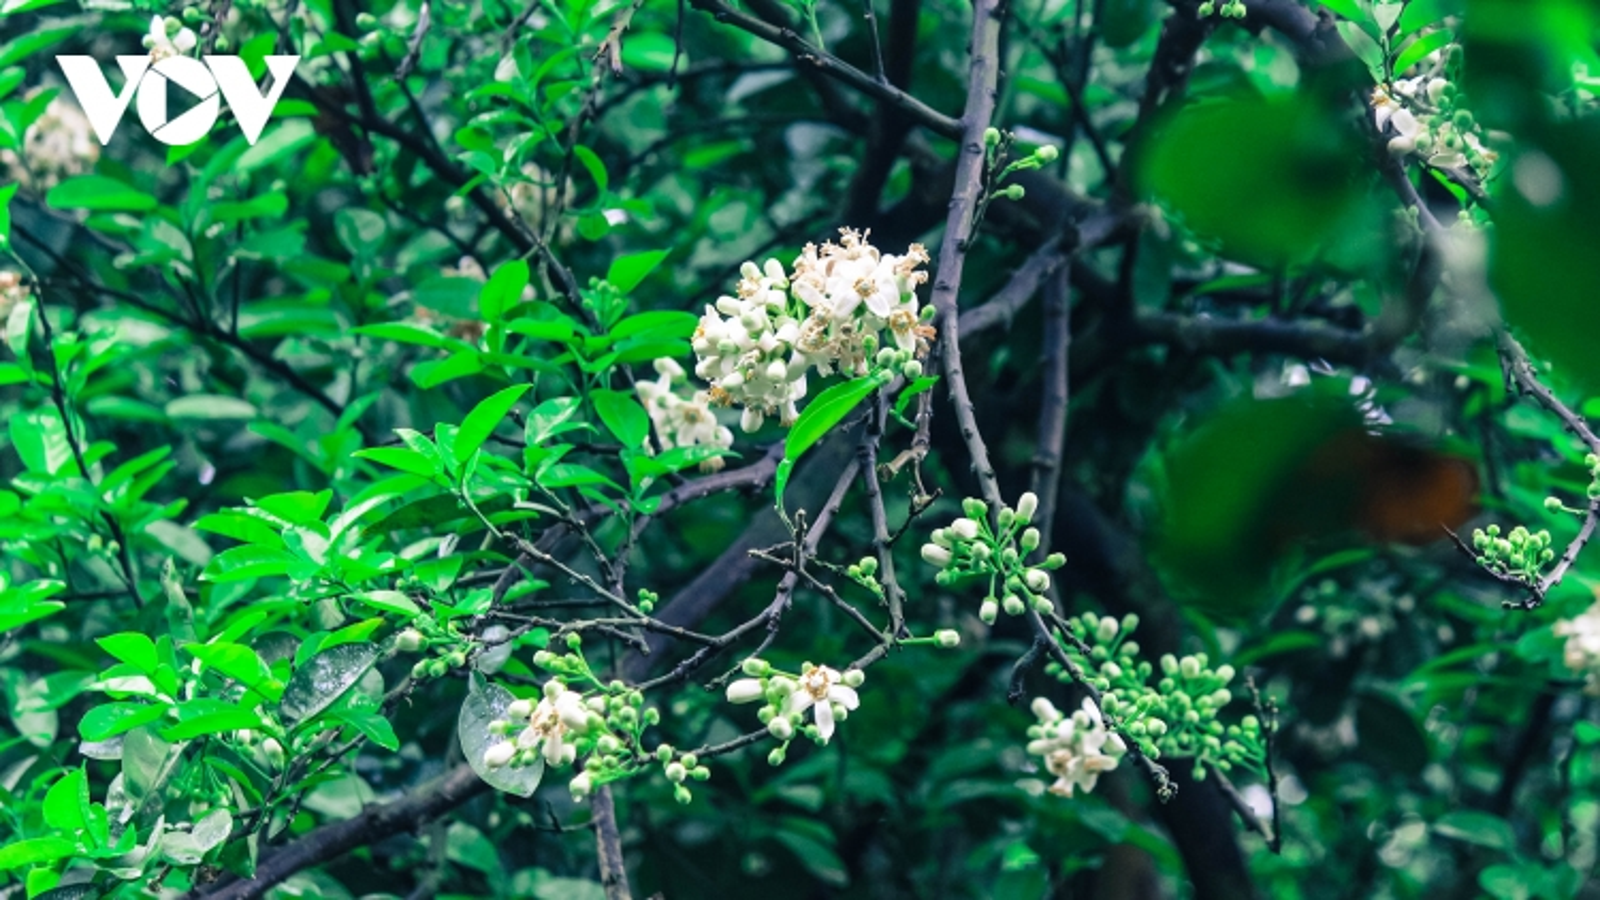 Hoa bưởi bung nở trắng trời ở làng trồng bưởi nổi tiếng Hà Nội